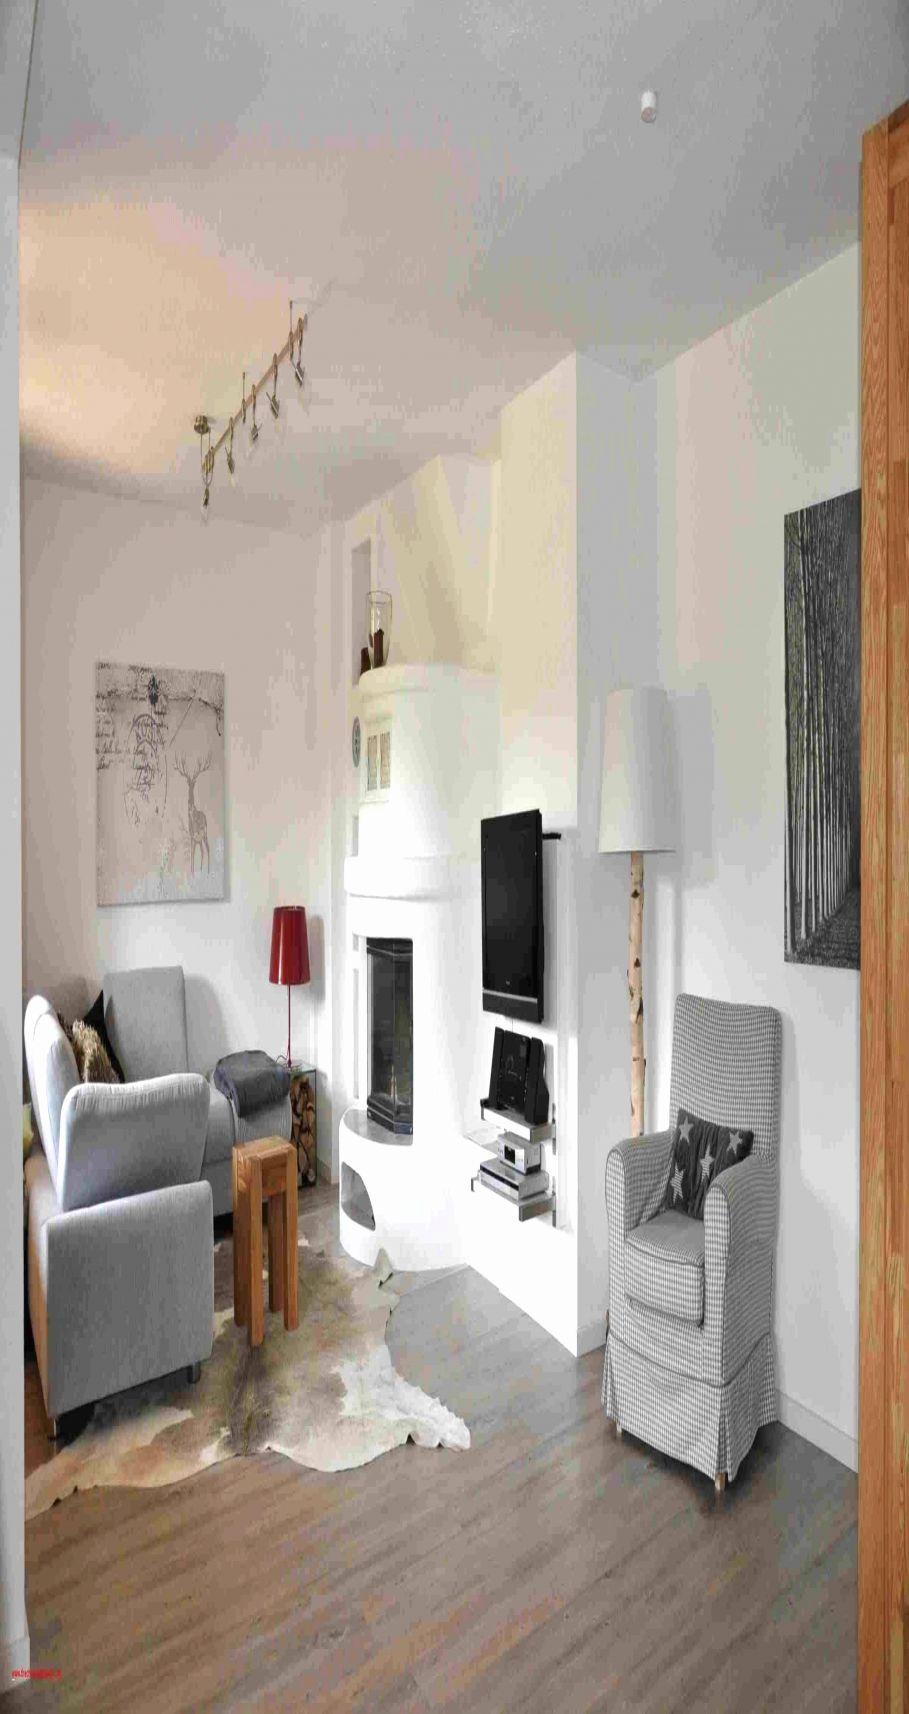 Ebay Kleinanzeigen Wohnzimmer Lampe Fresh Lampe Modern Ebay